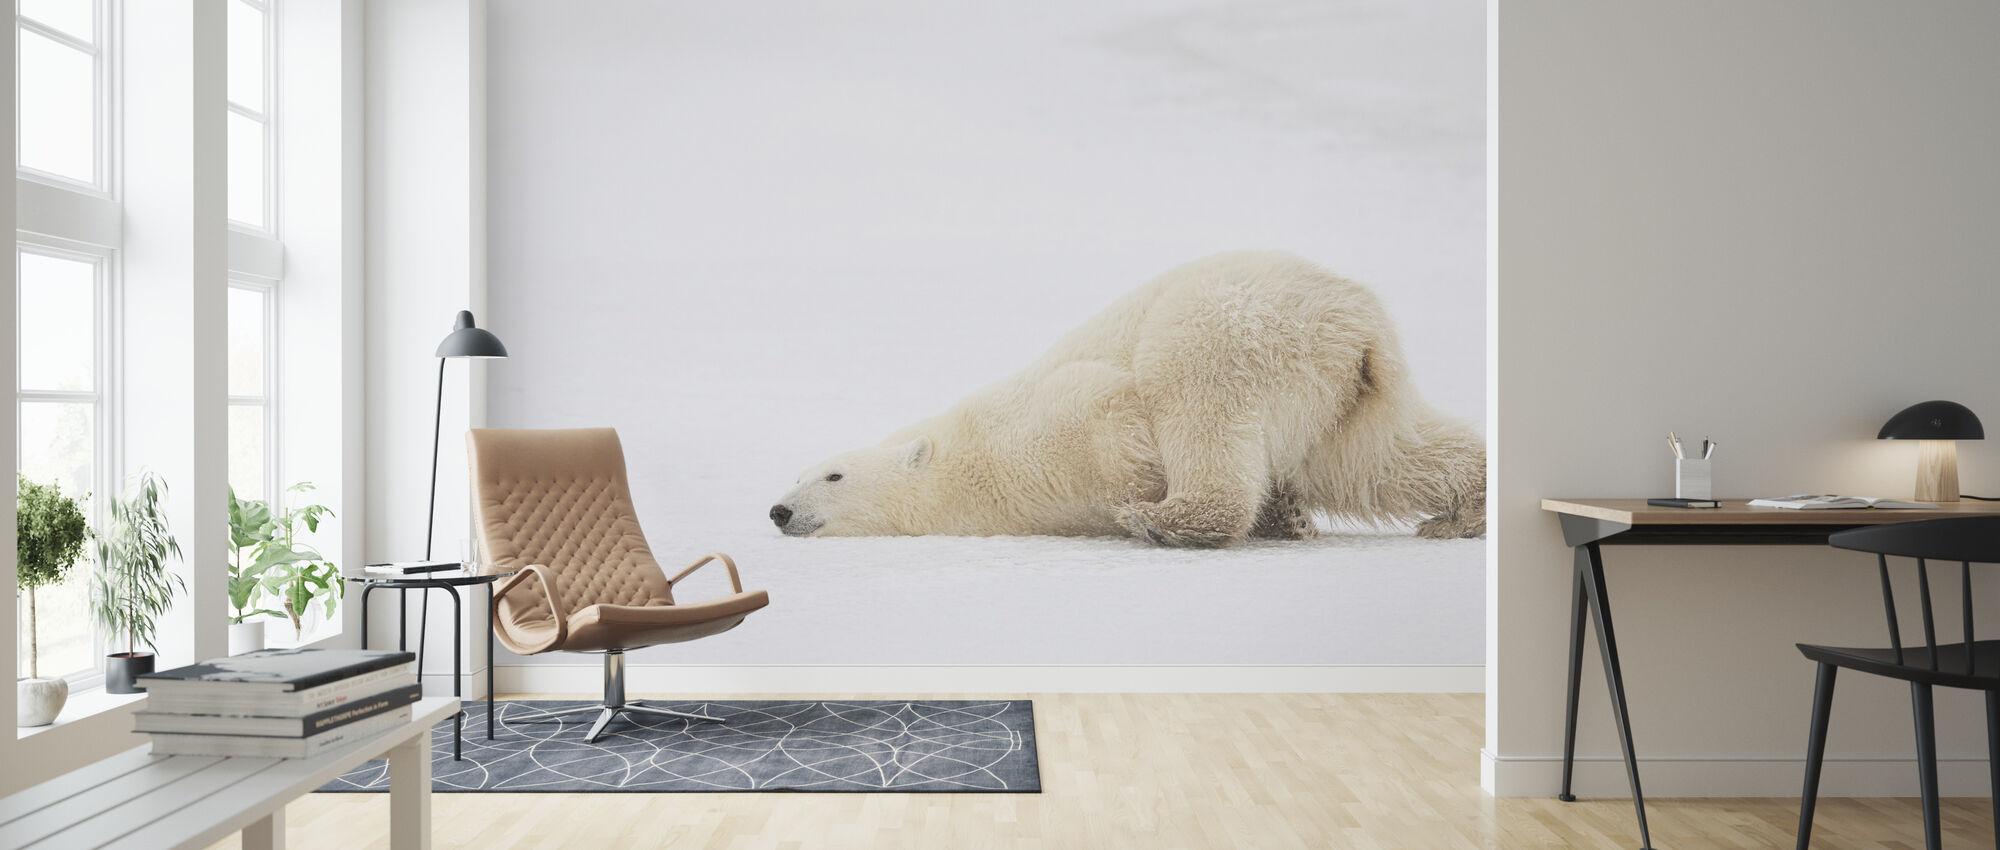 Sliding Bear - Wallpaper - Living Room